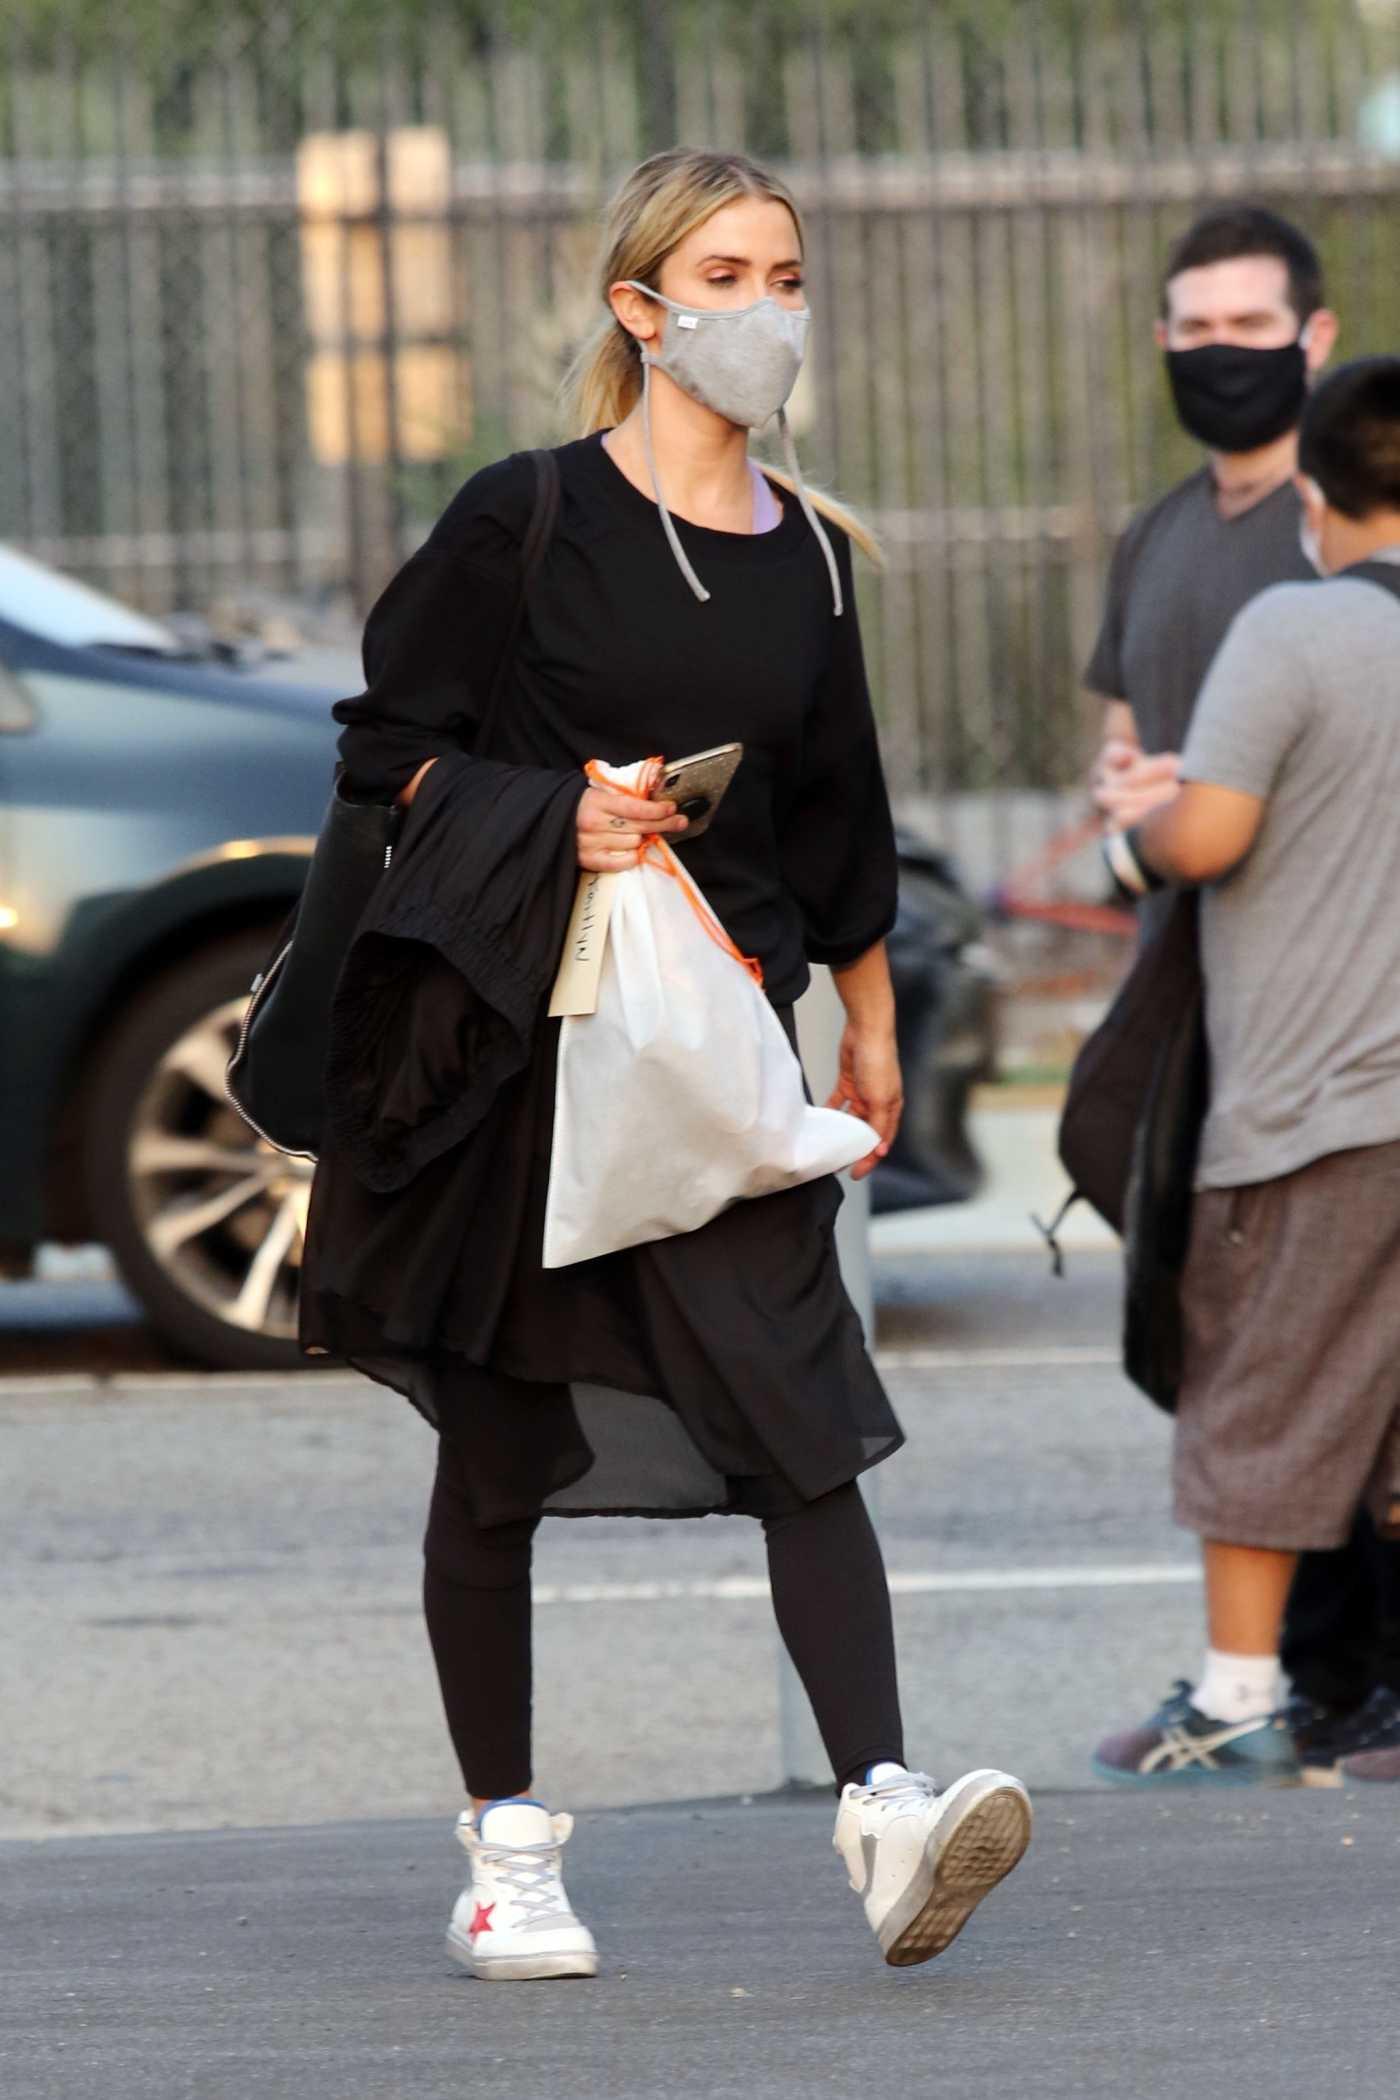 Kaitlyn Bristowe in a White Sneakers Leaves Her Dance Practice in Los Angeles 09/09/2020